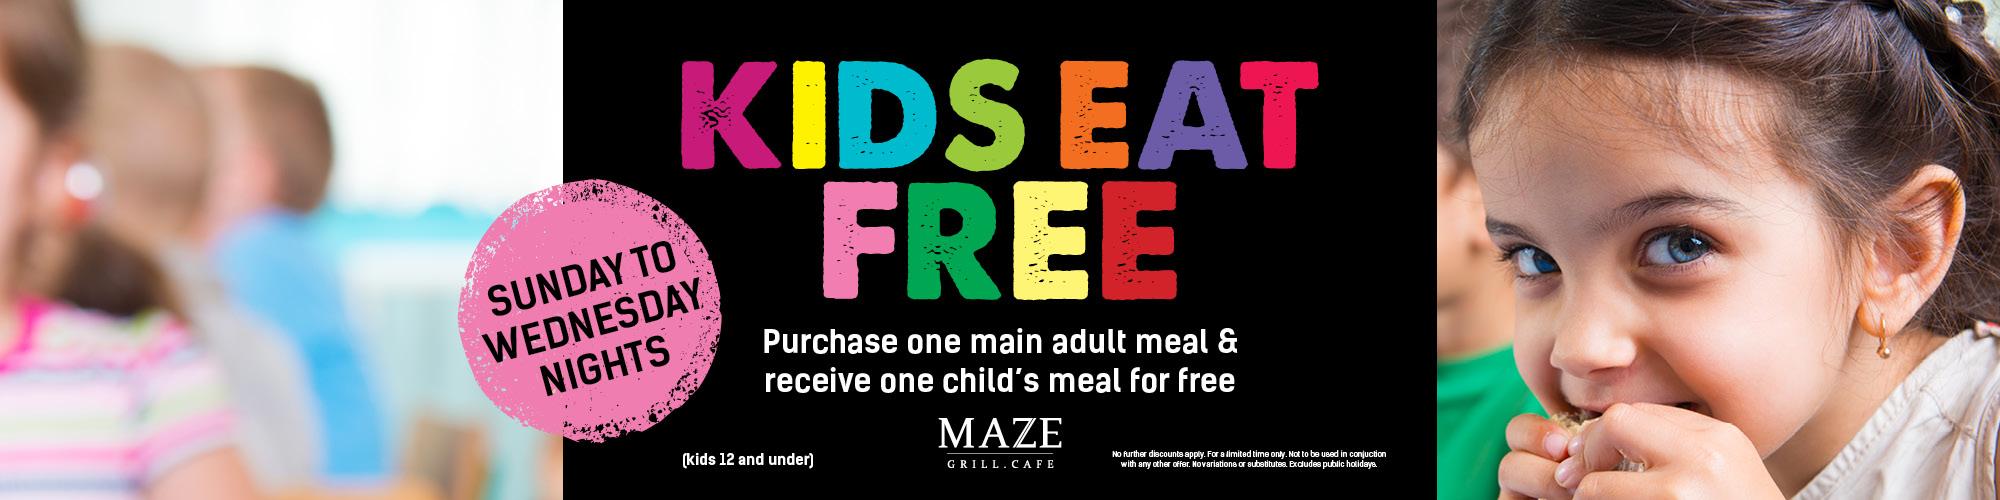 Maze-NBC-Kids-Eat-Free-WEB-SLIDE-2000x500